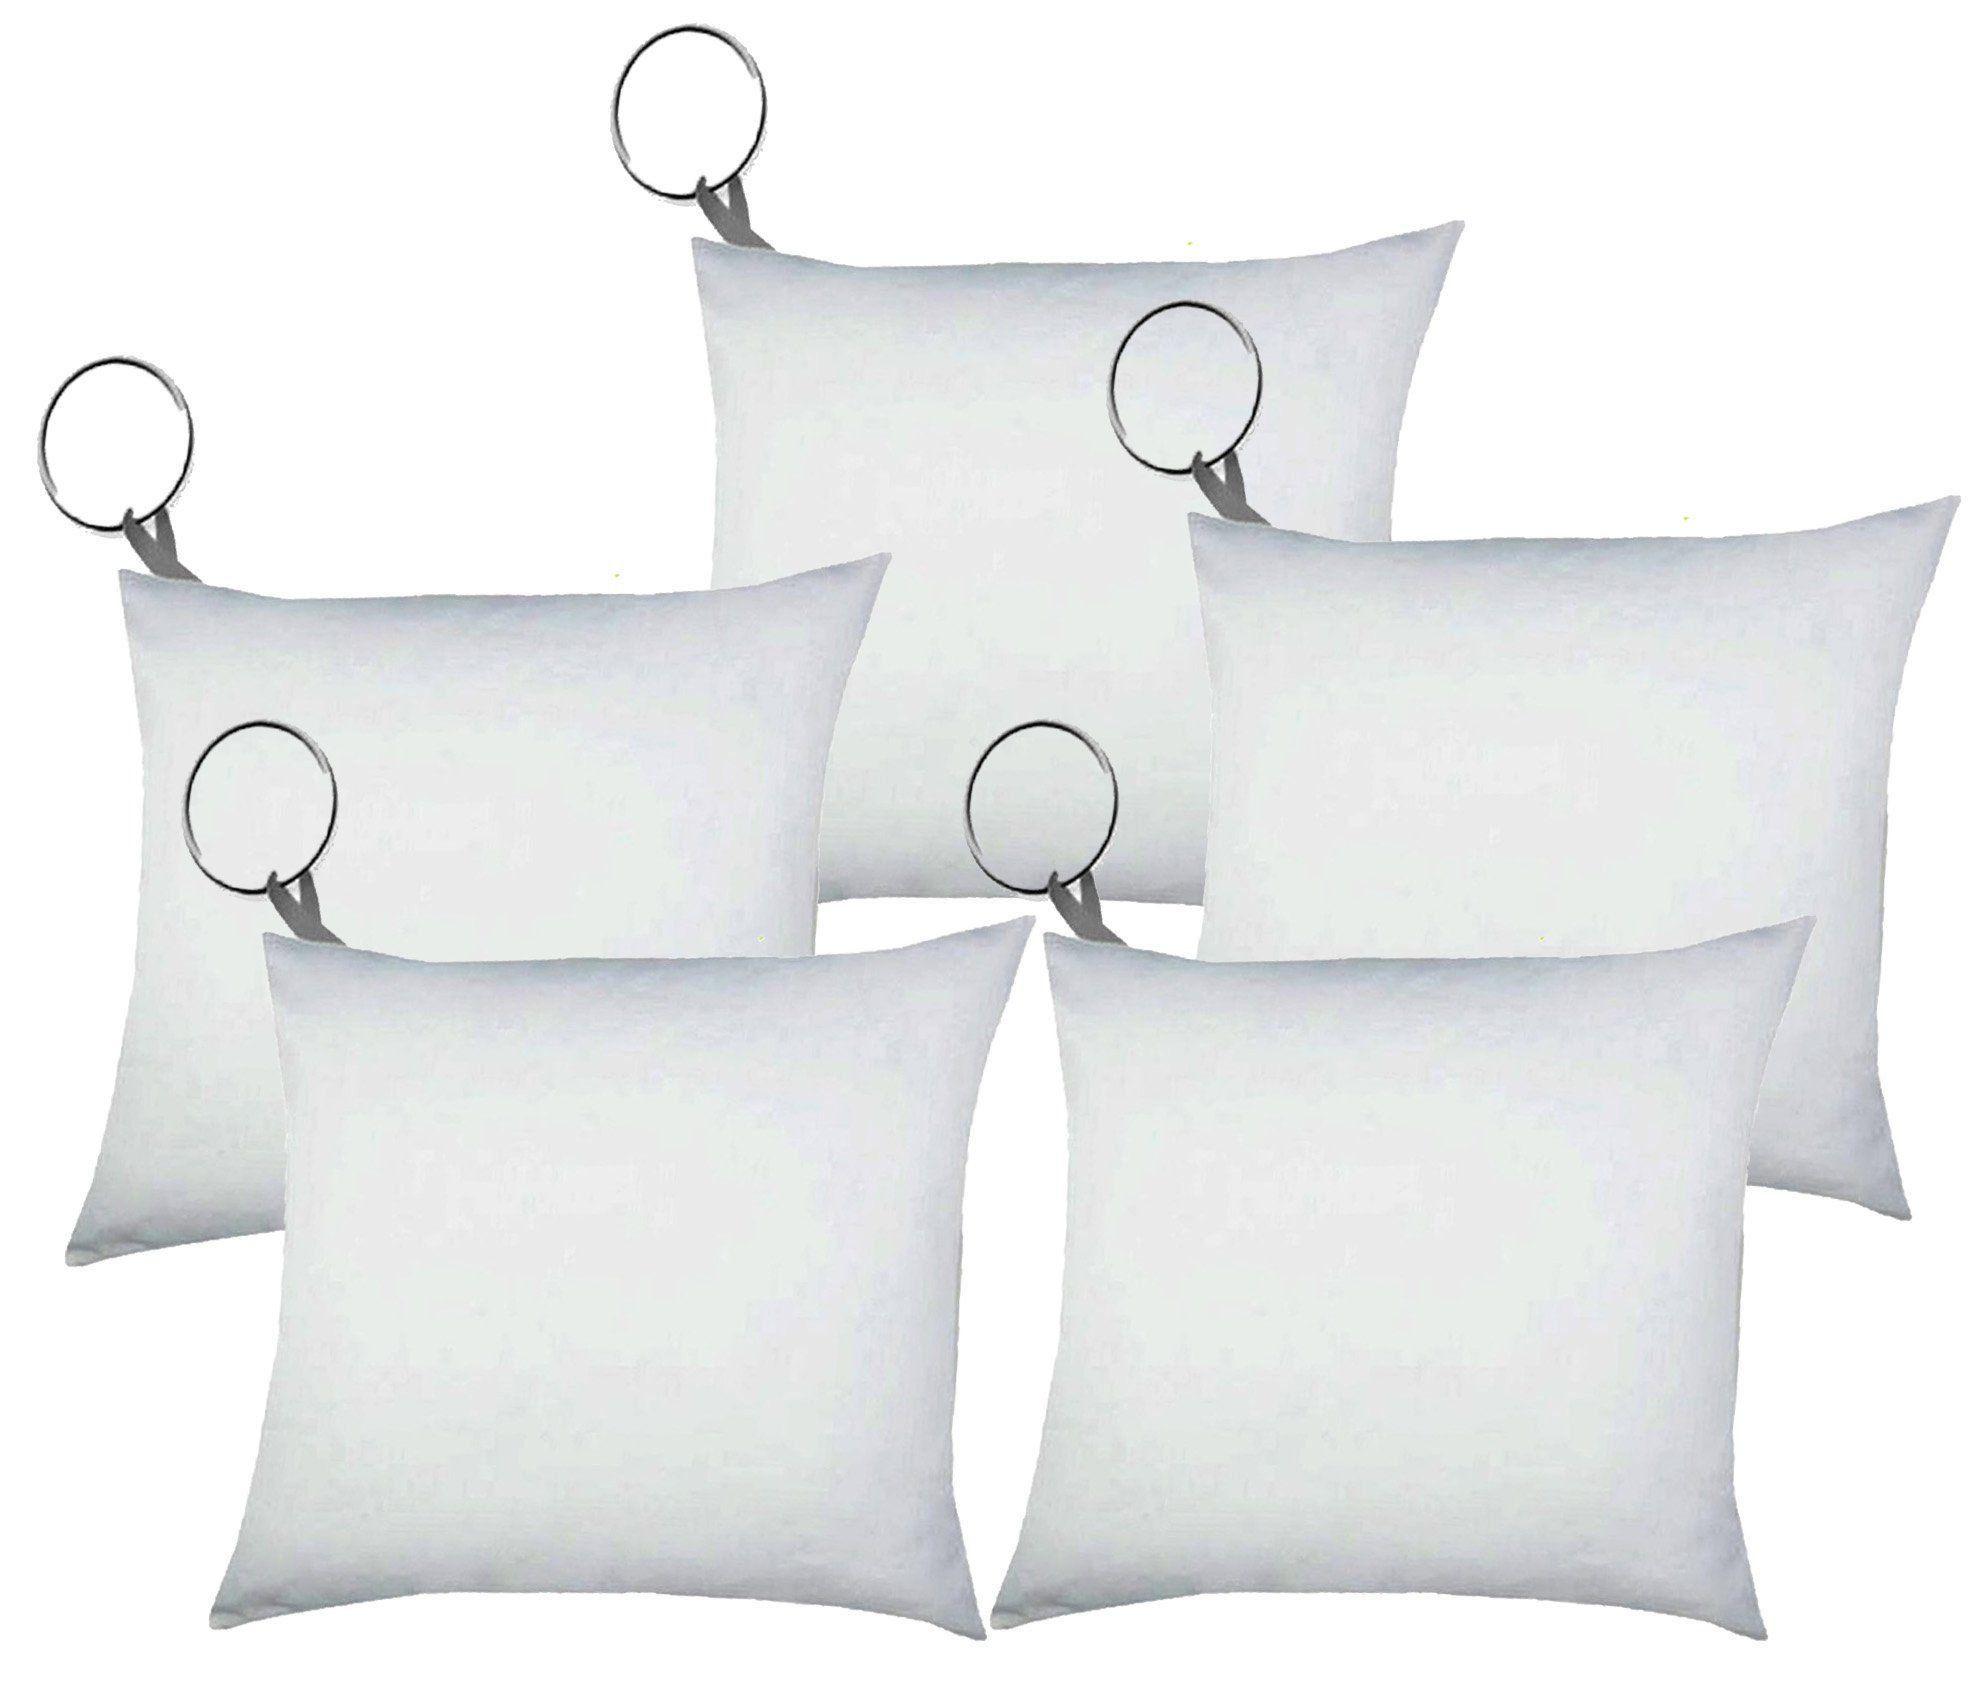 Almochaveiro Para Sublimação Branco com Argola Pacote com 1000 Unidades